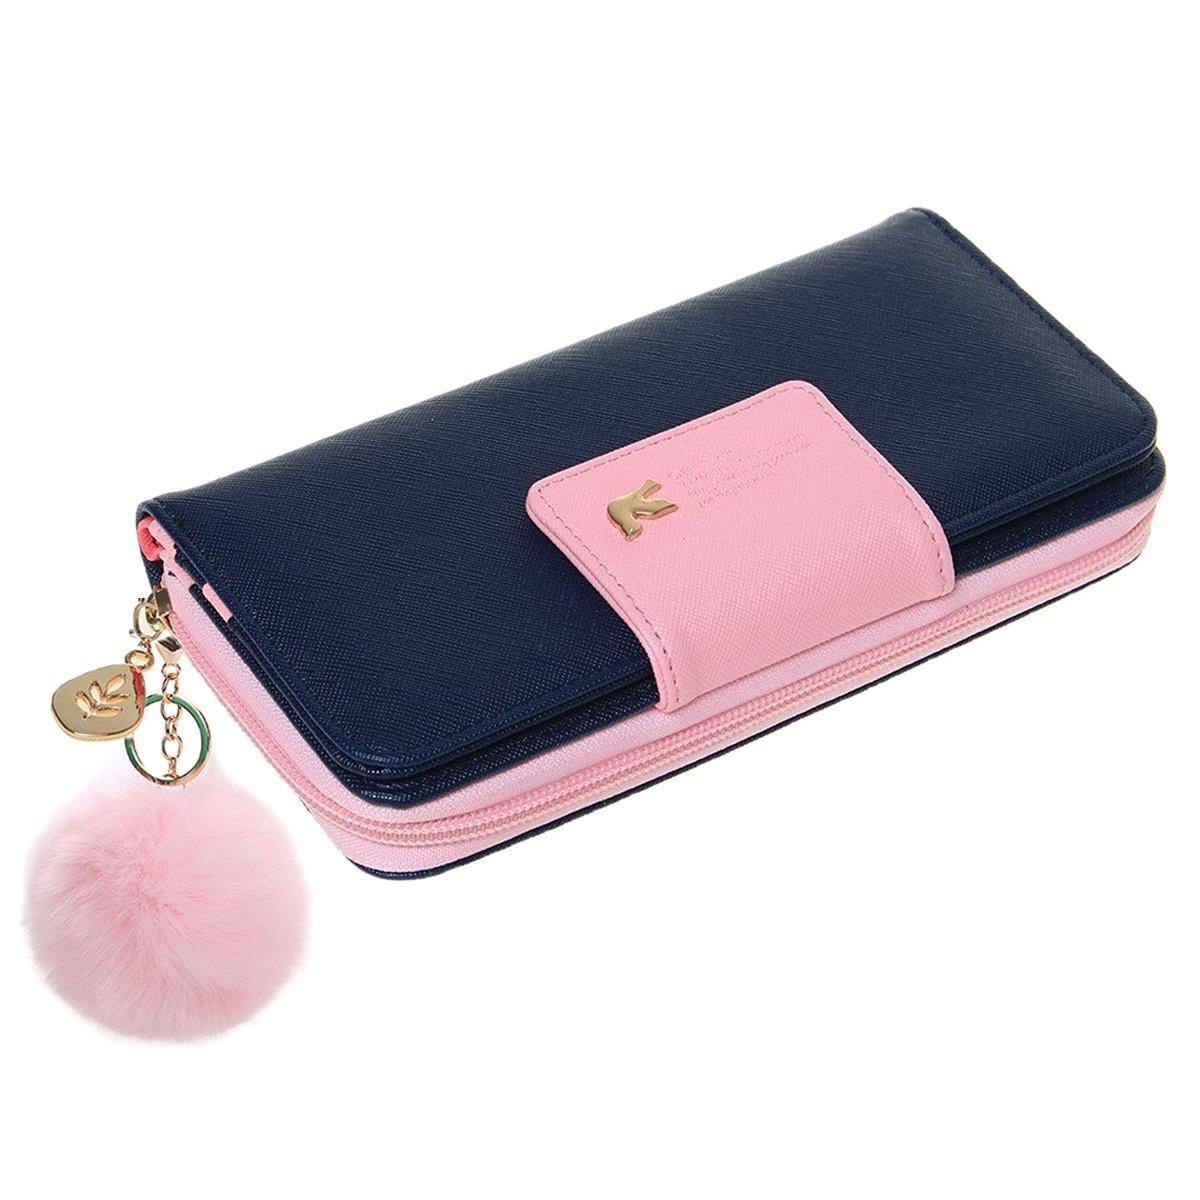 Newanima Moda Portafogli per le Donne PU Portafoglio Wearable Titolare Della Carta Portafoglio Con Portachiavi (rosa)